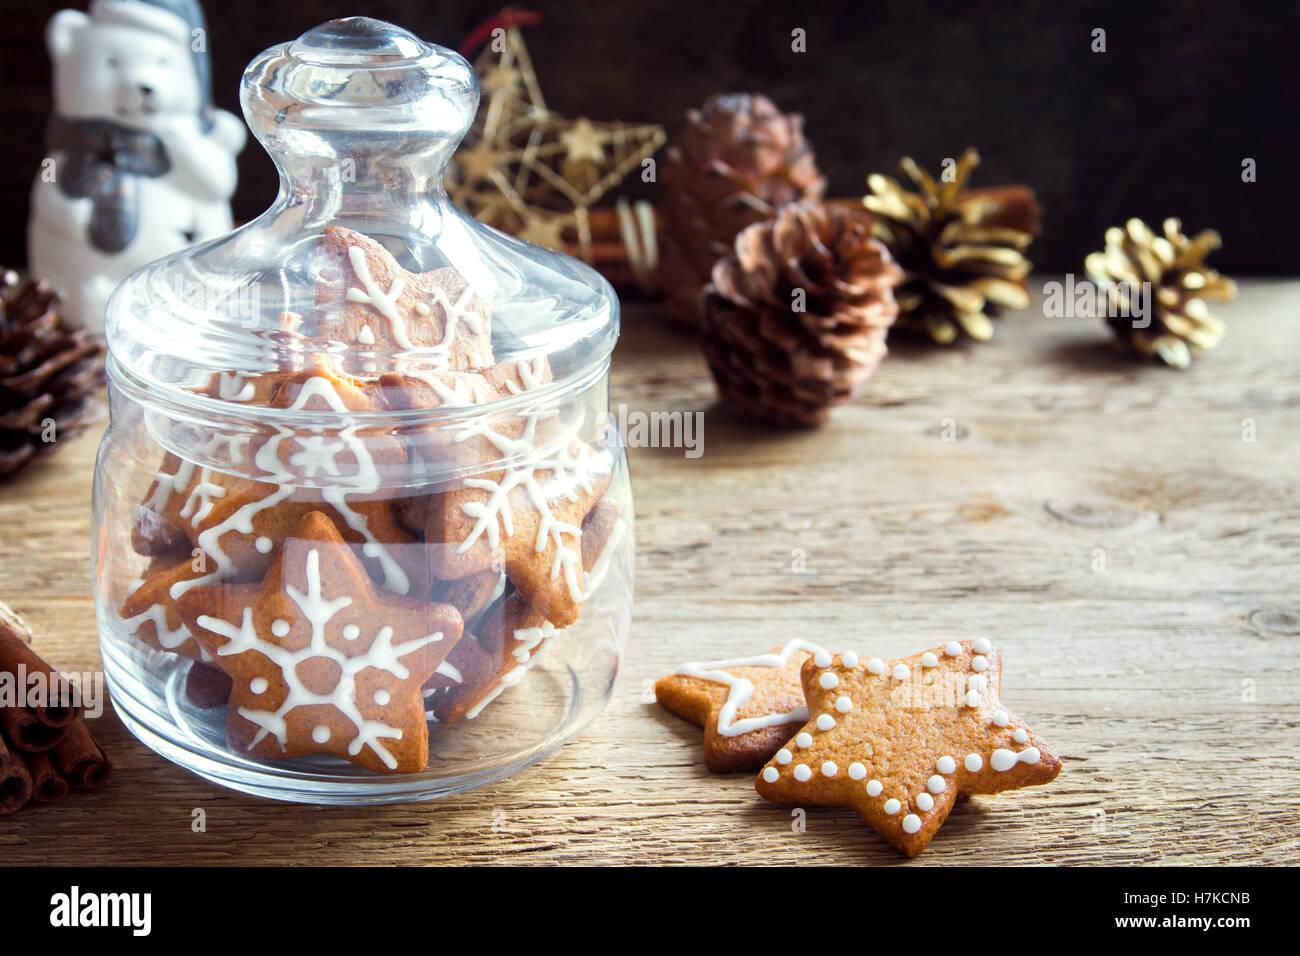 Lebkuchen Dekor Stockfotos Lebkuchen Dekor Bilder Alamy